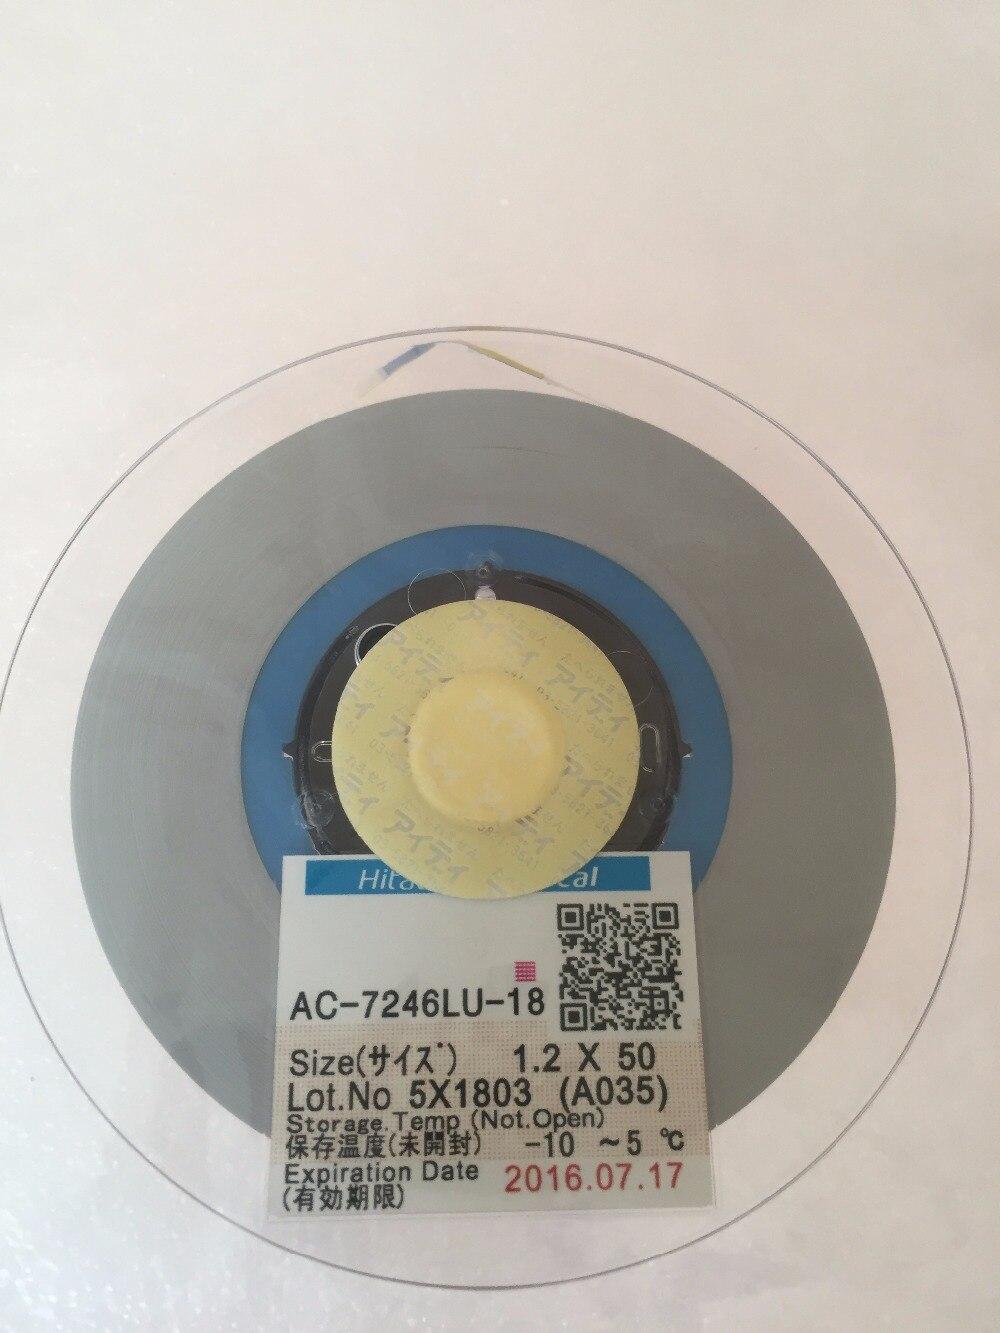 Original ACF   AC-7246LU-18  PCB Repair TAPE 1.5M-25M  New Date